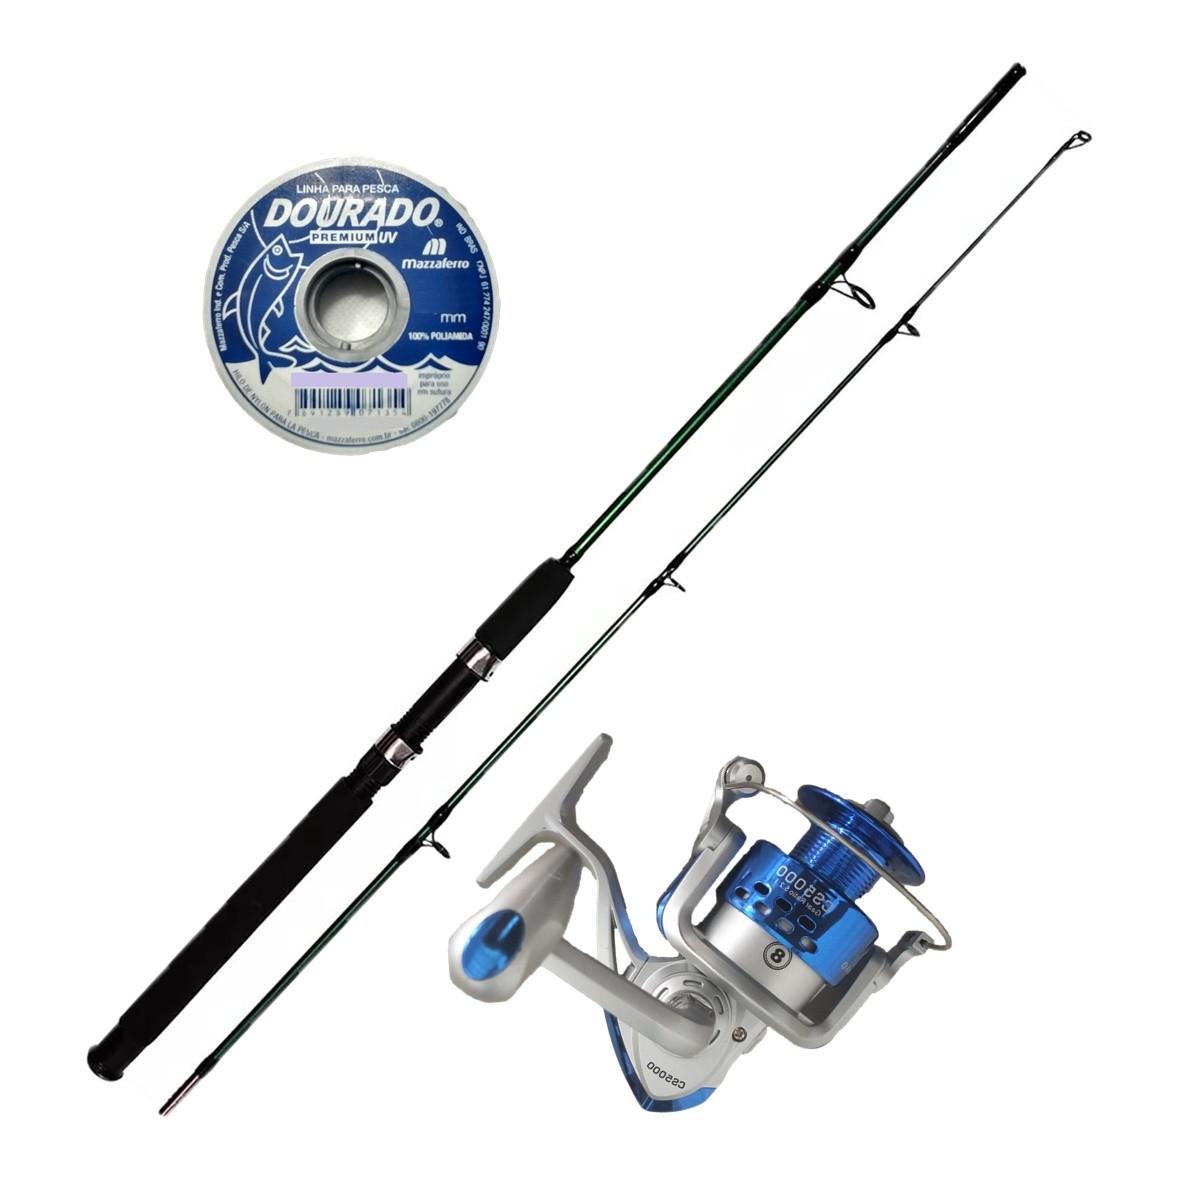 Vara De Pescar Completa 1,70m Molinete 5000 8 Rolamentos e Linha